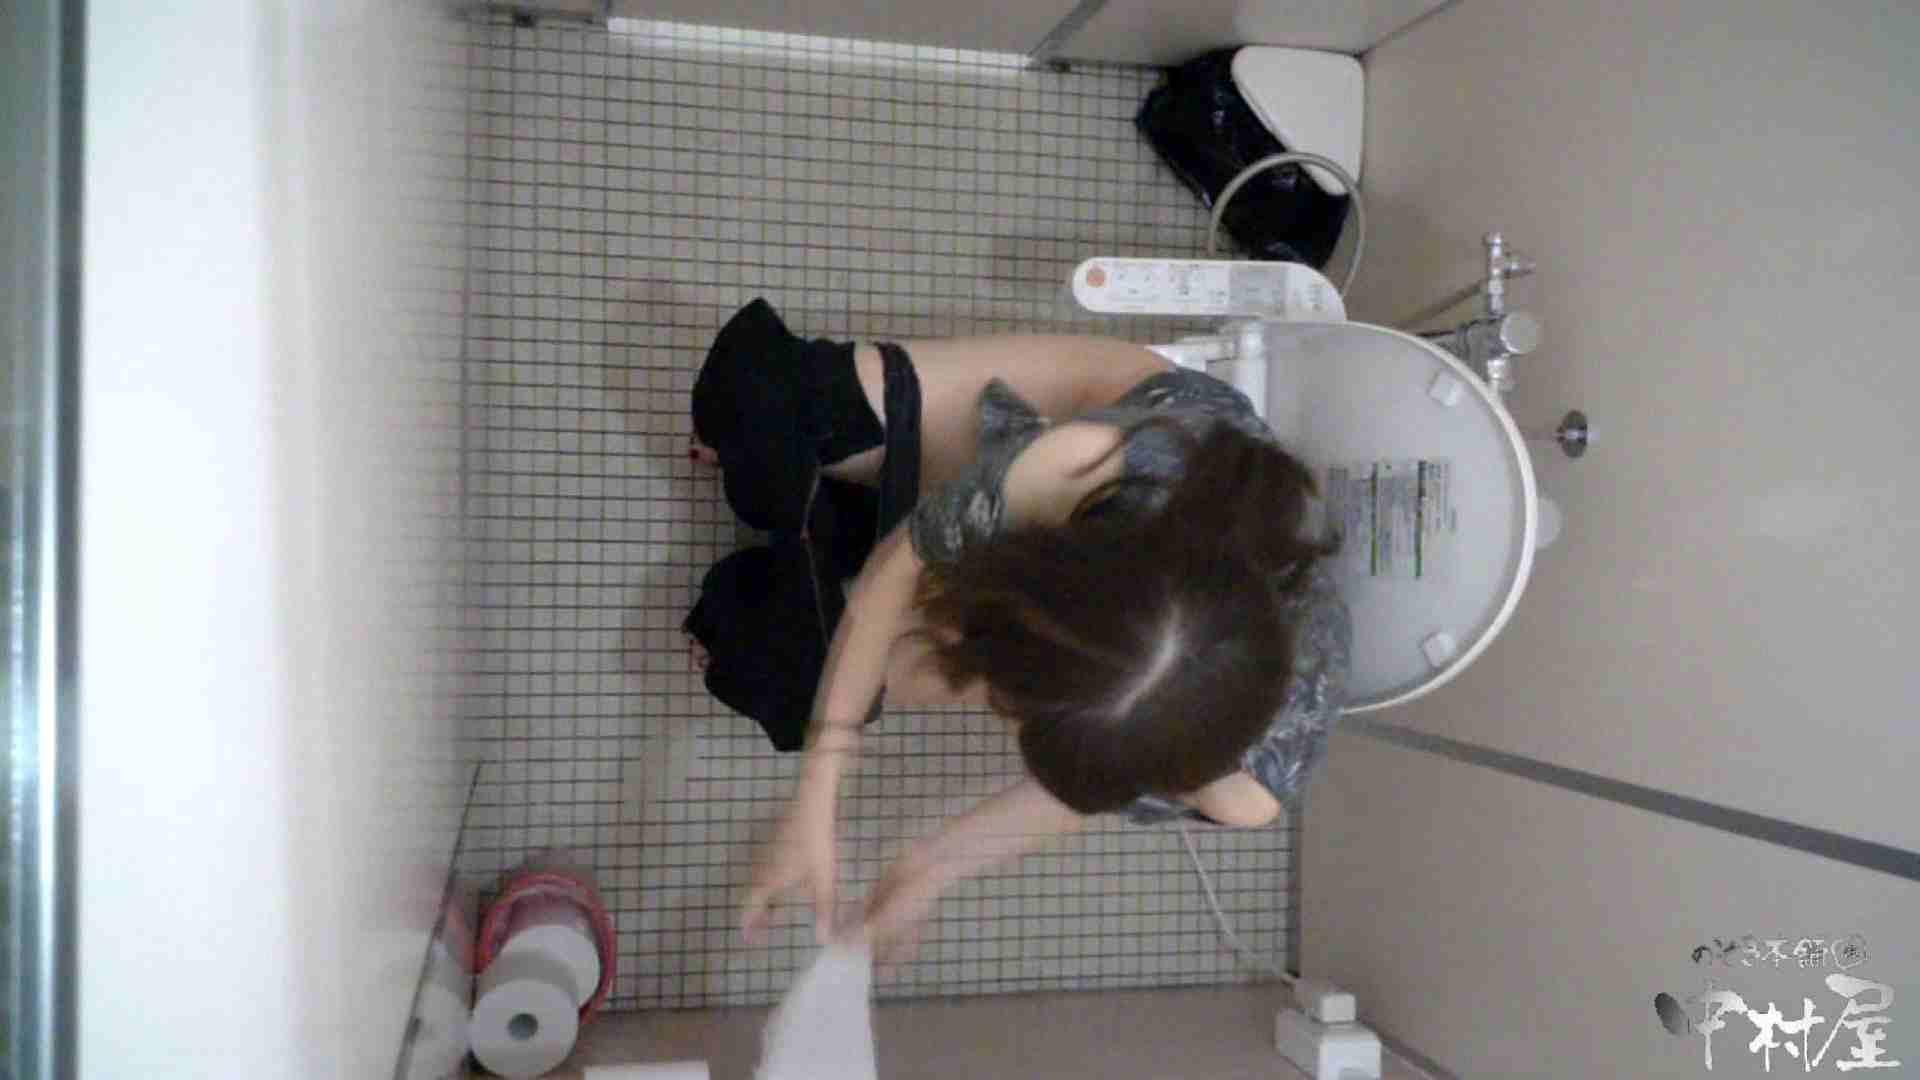 【某有名大学女性洗面所】有名大学女性洗面所 vol.43 いつみても神秘的な世界です。 和式 | 投稿  87pic 1